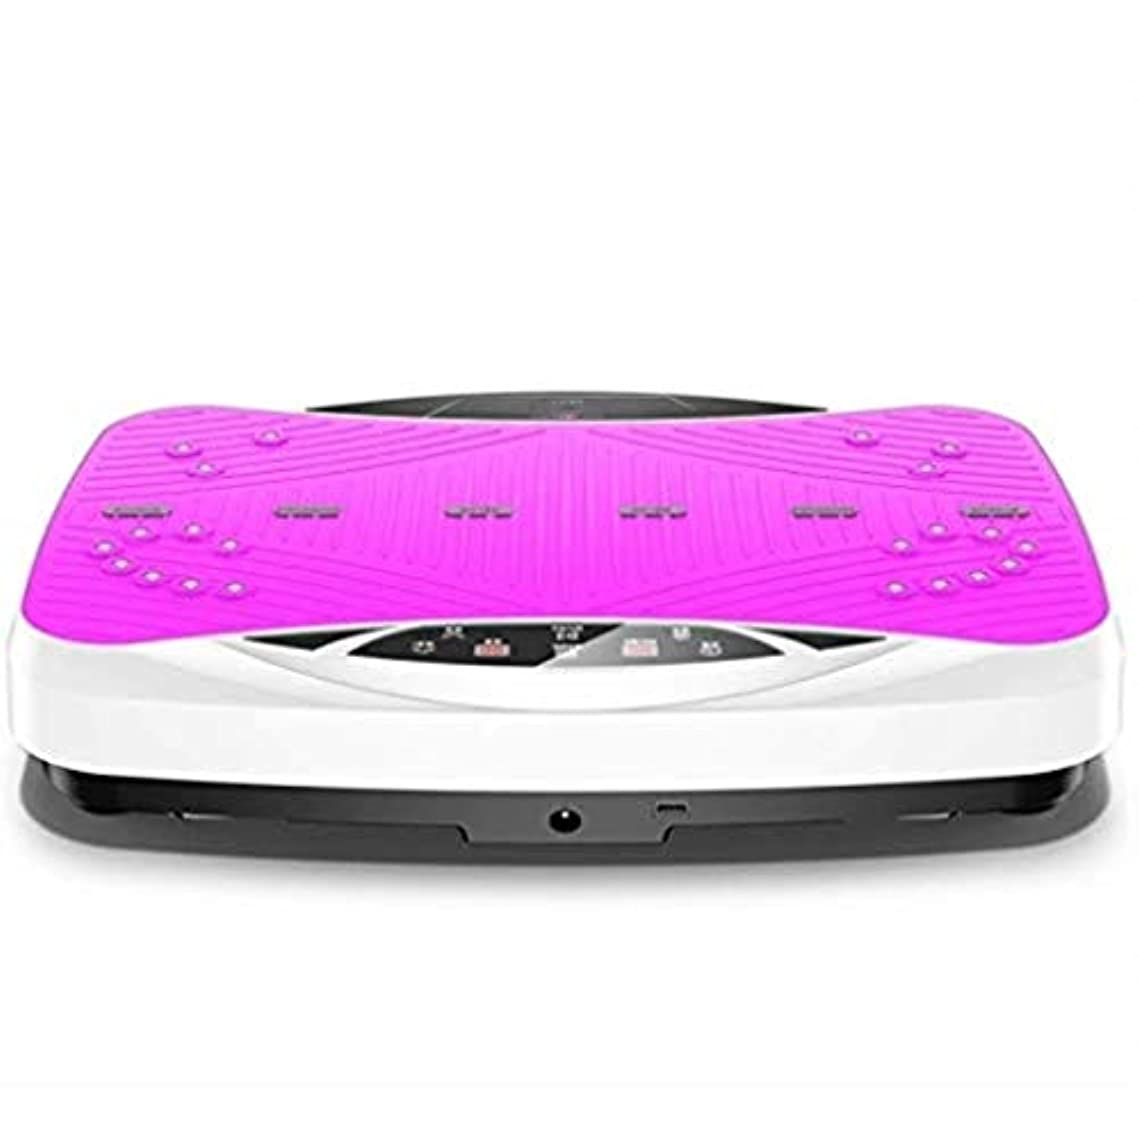 標高配置タブレット減量装置、プロのバイブレーショントレーナー、3Dテクノロジーミュージックスピーカー、体重を減らす99レベルの速度、過剰な脂肪を減らすための全身振動 (Color : ピンク)